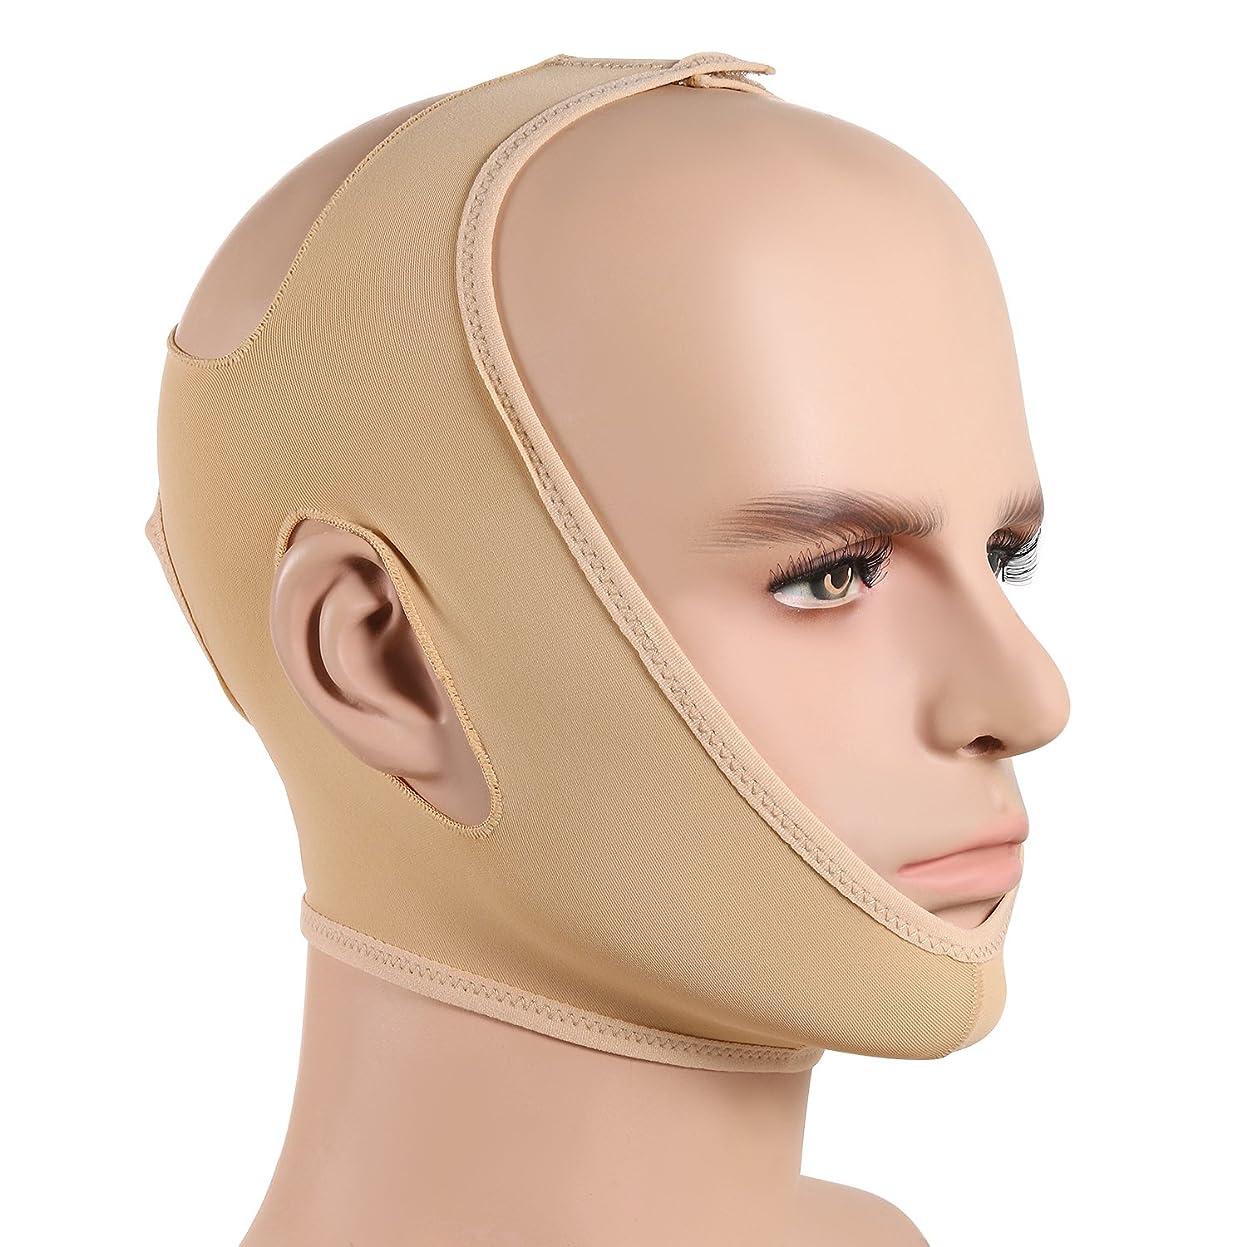 委託切断する知覚JewelryWe 小顔ベルト 美顔マスク 眠りながら 小顔 矯正 額、顎下、頬リフトアップ 小顔マスク 男女兼用 Mサイズ